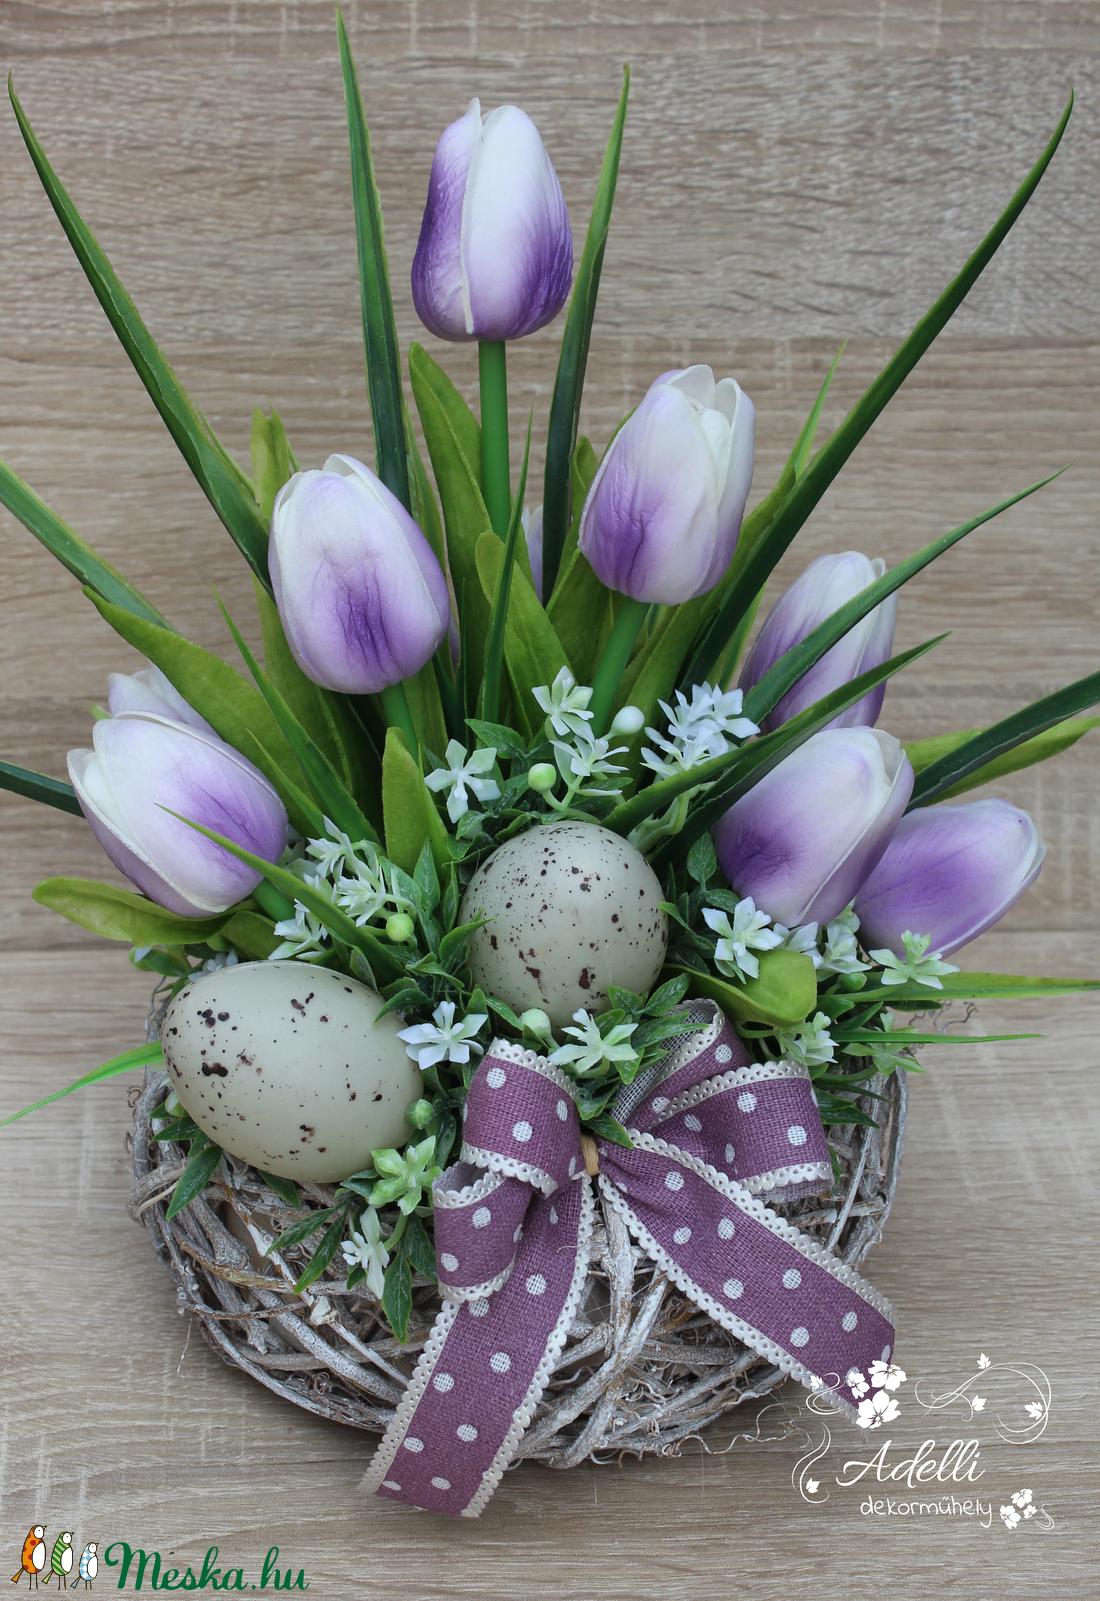 Húsvéti/tavaszi asztaldísz tulipánnal (AdelliDekor) - Meska.hu